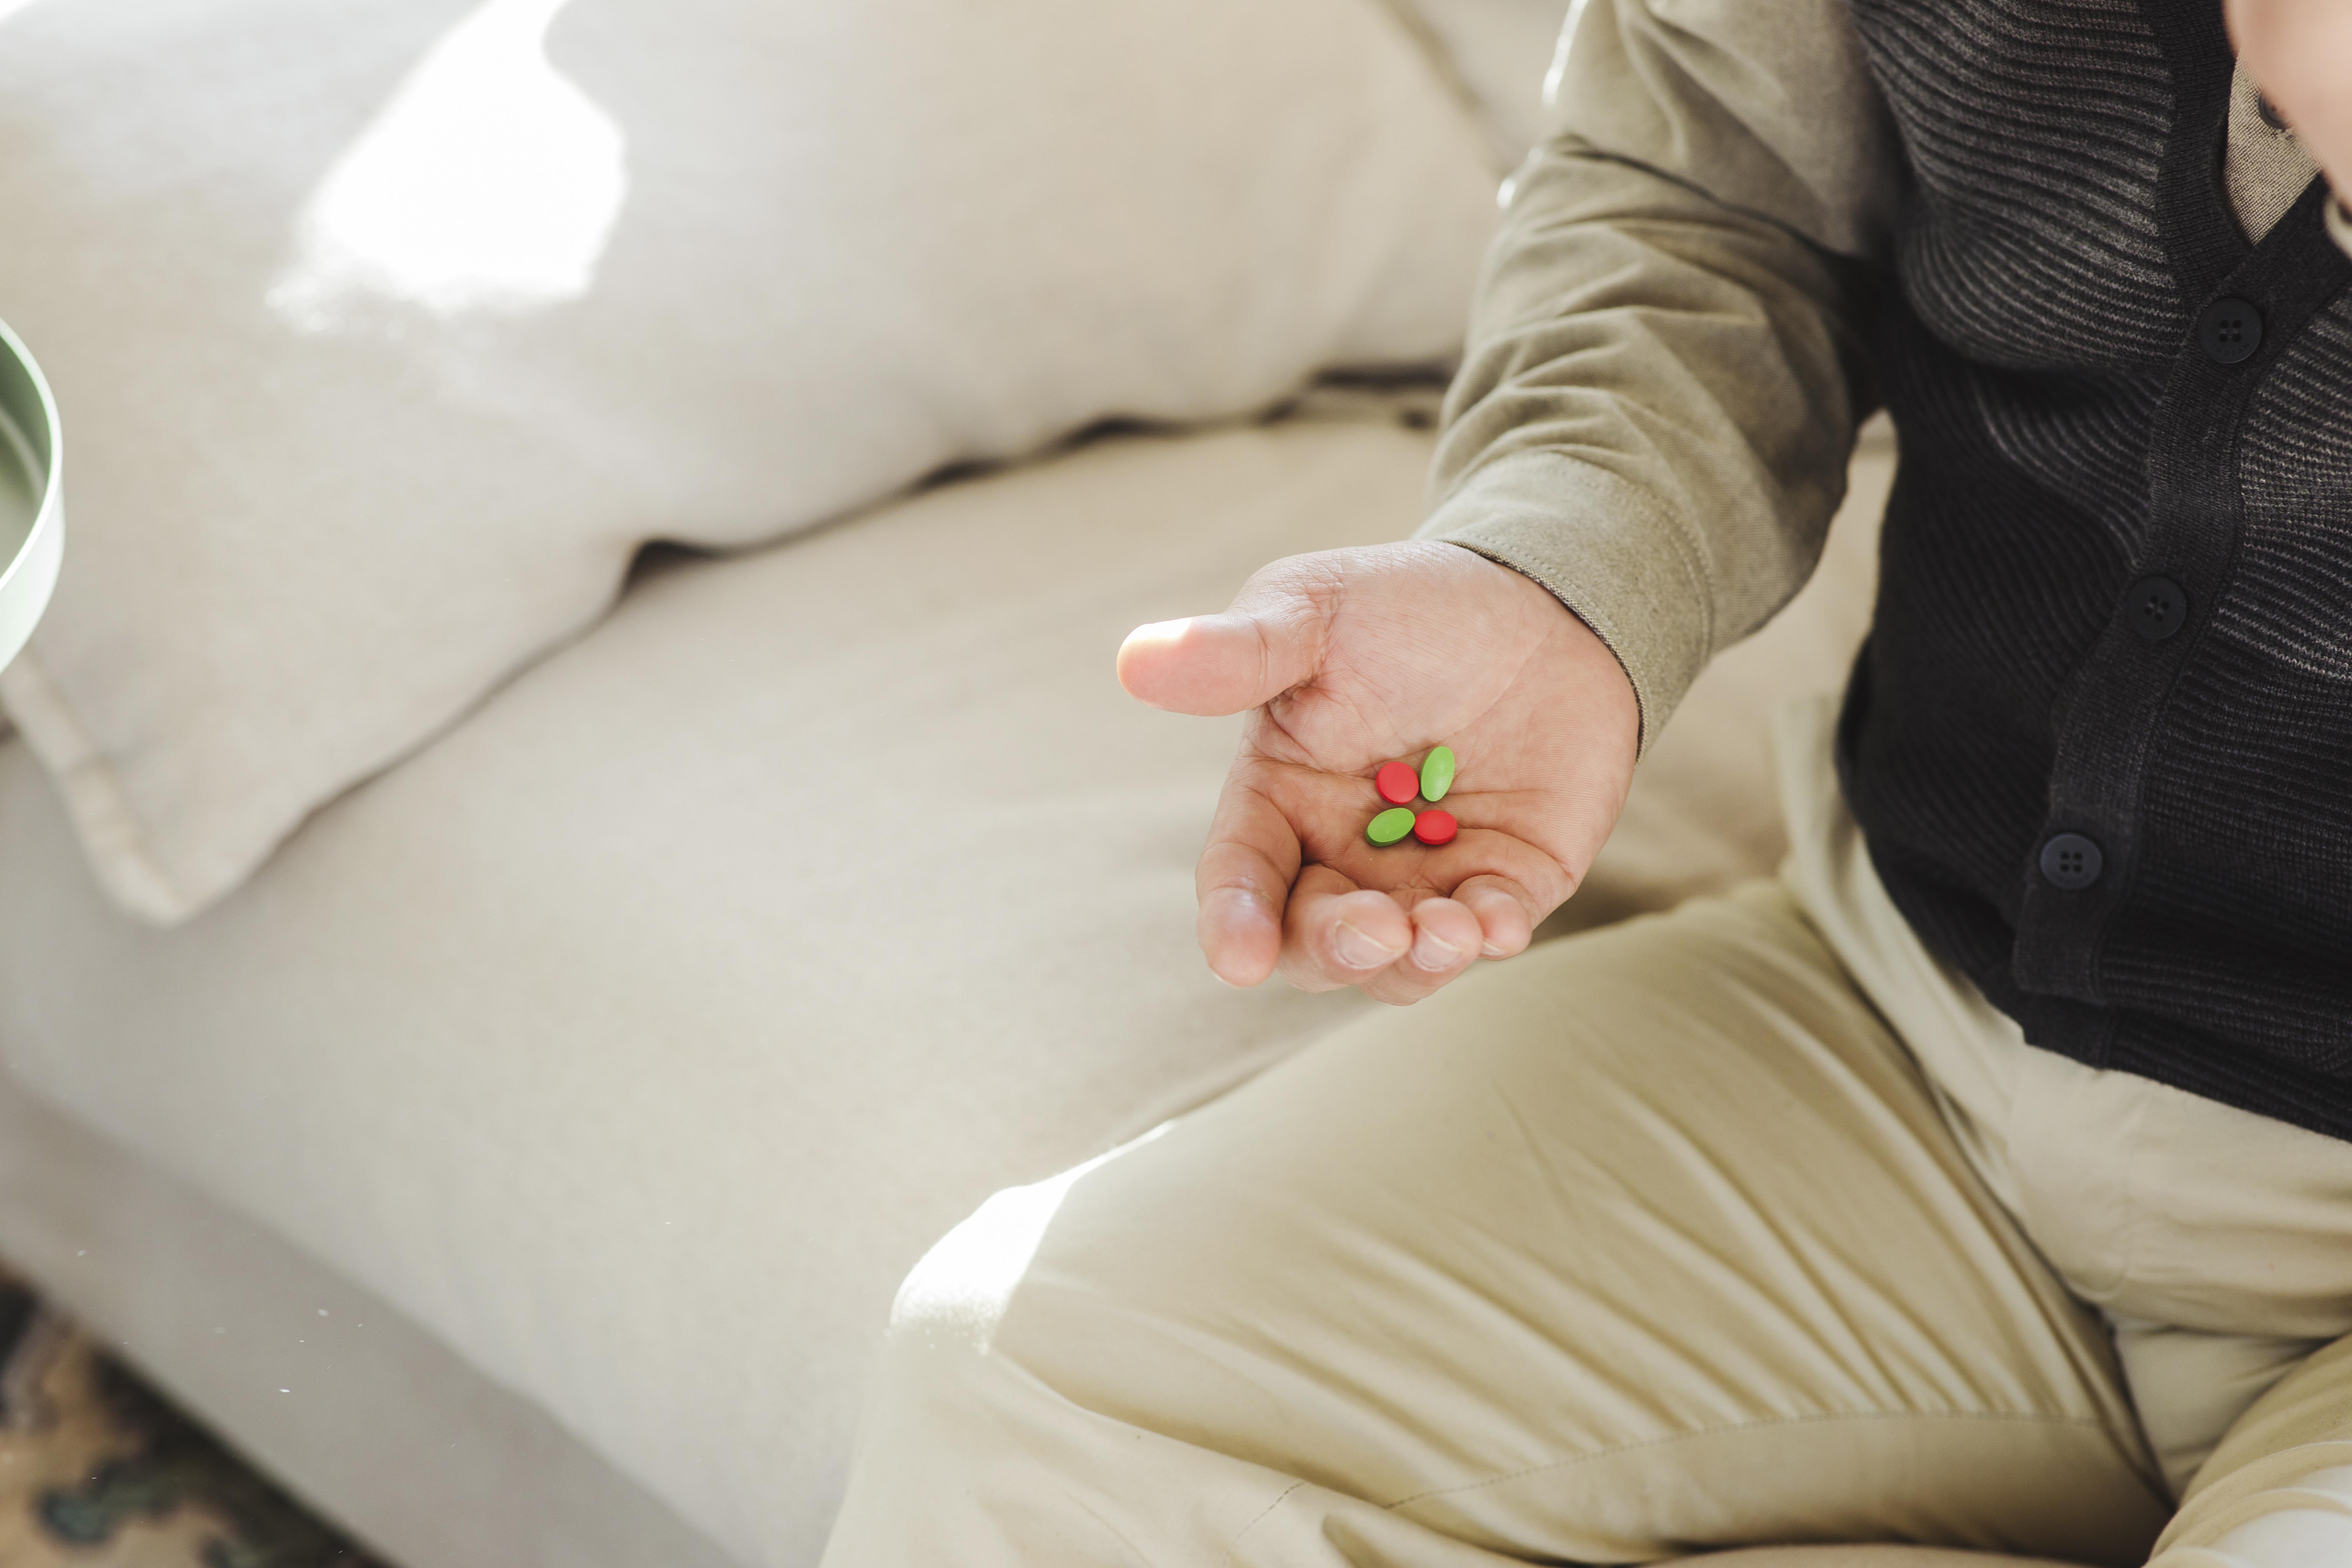 노인의 건강을 위한 올바른 약 먹기 방법